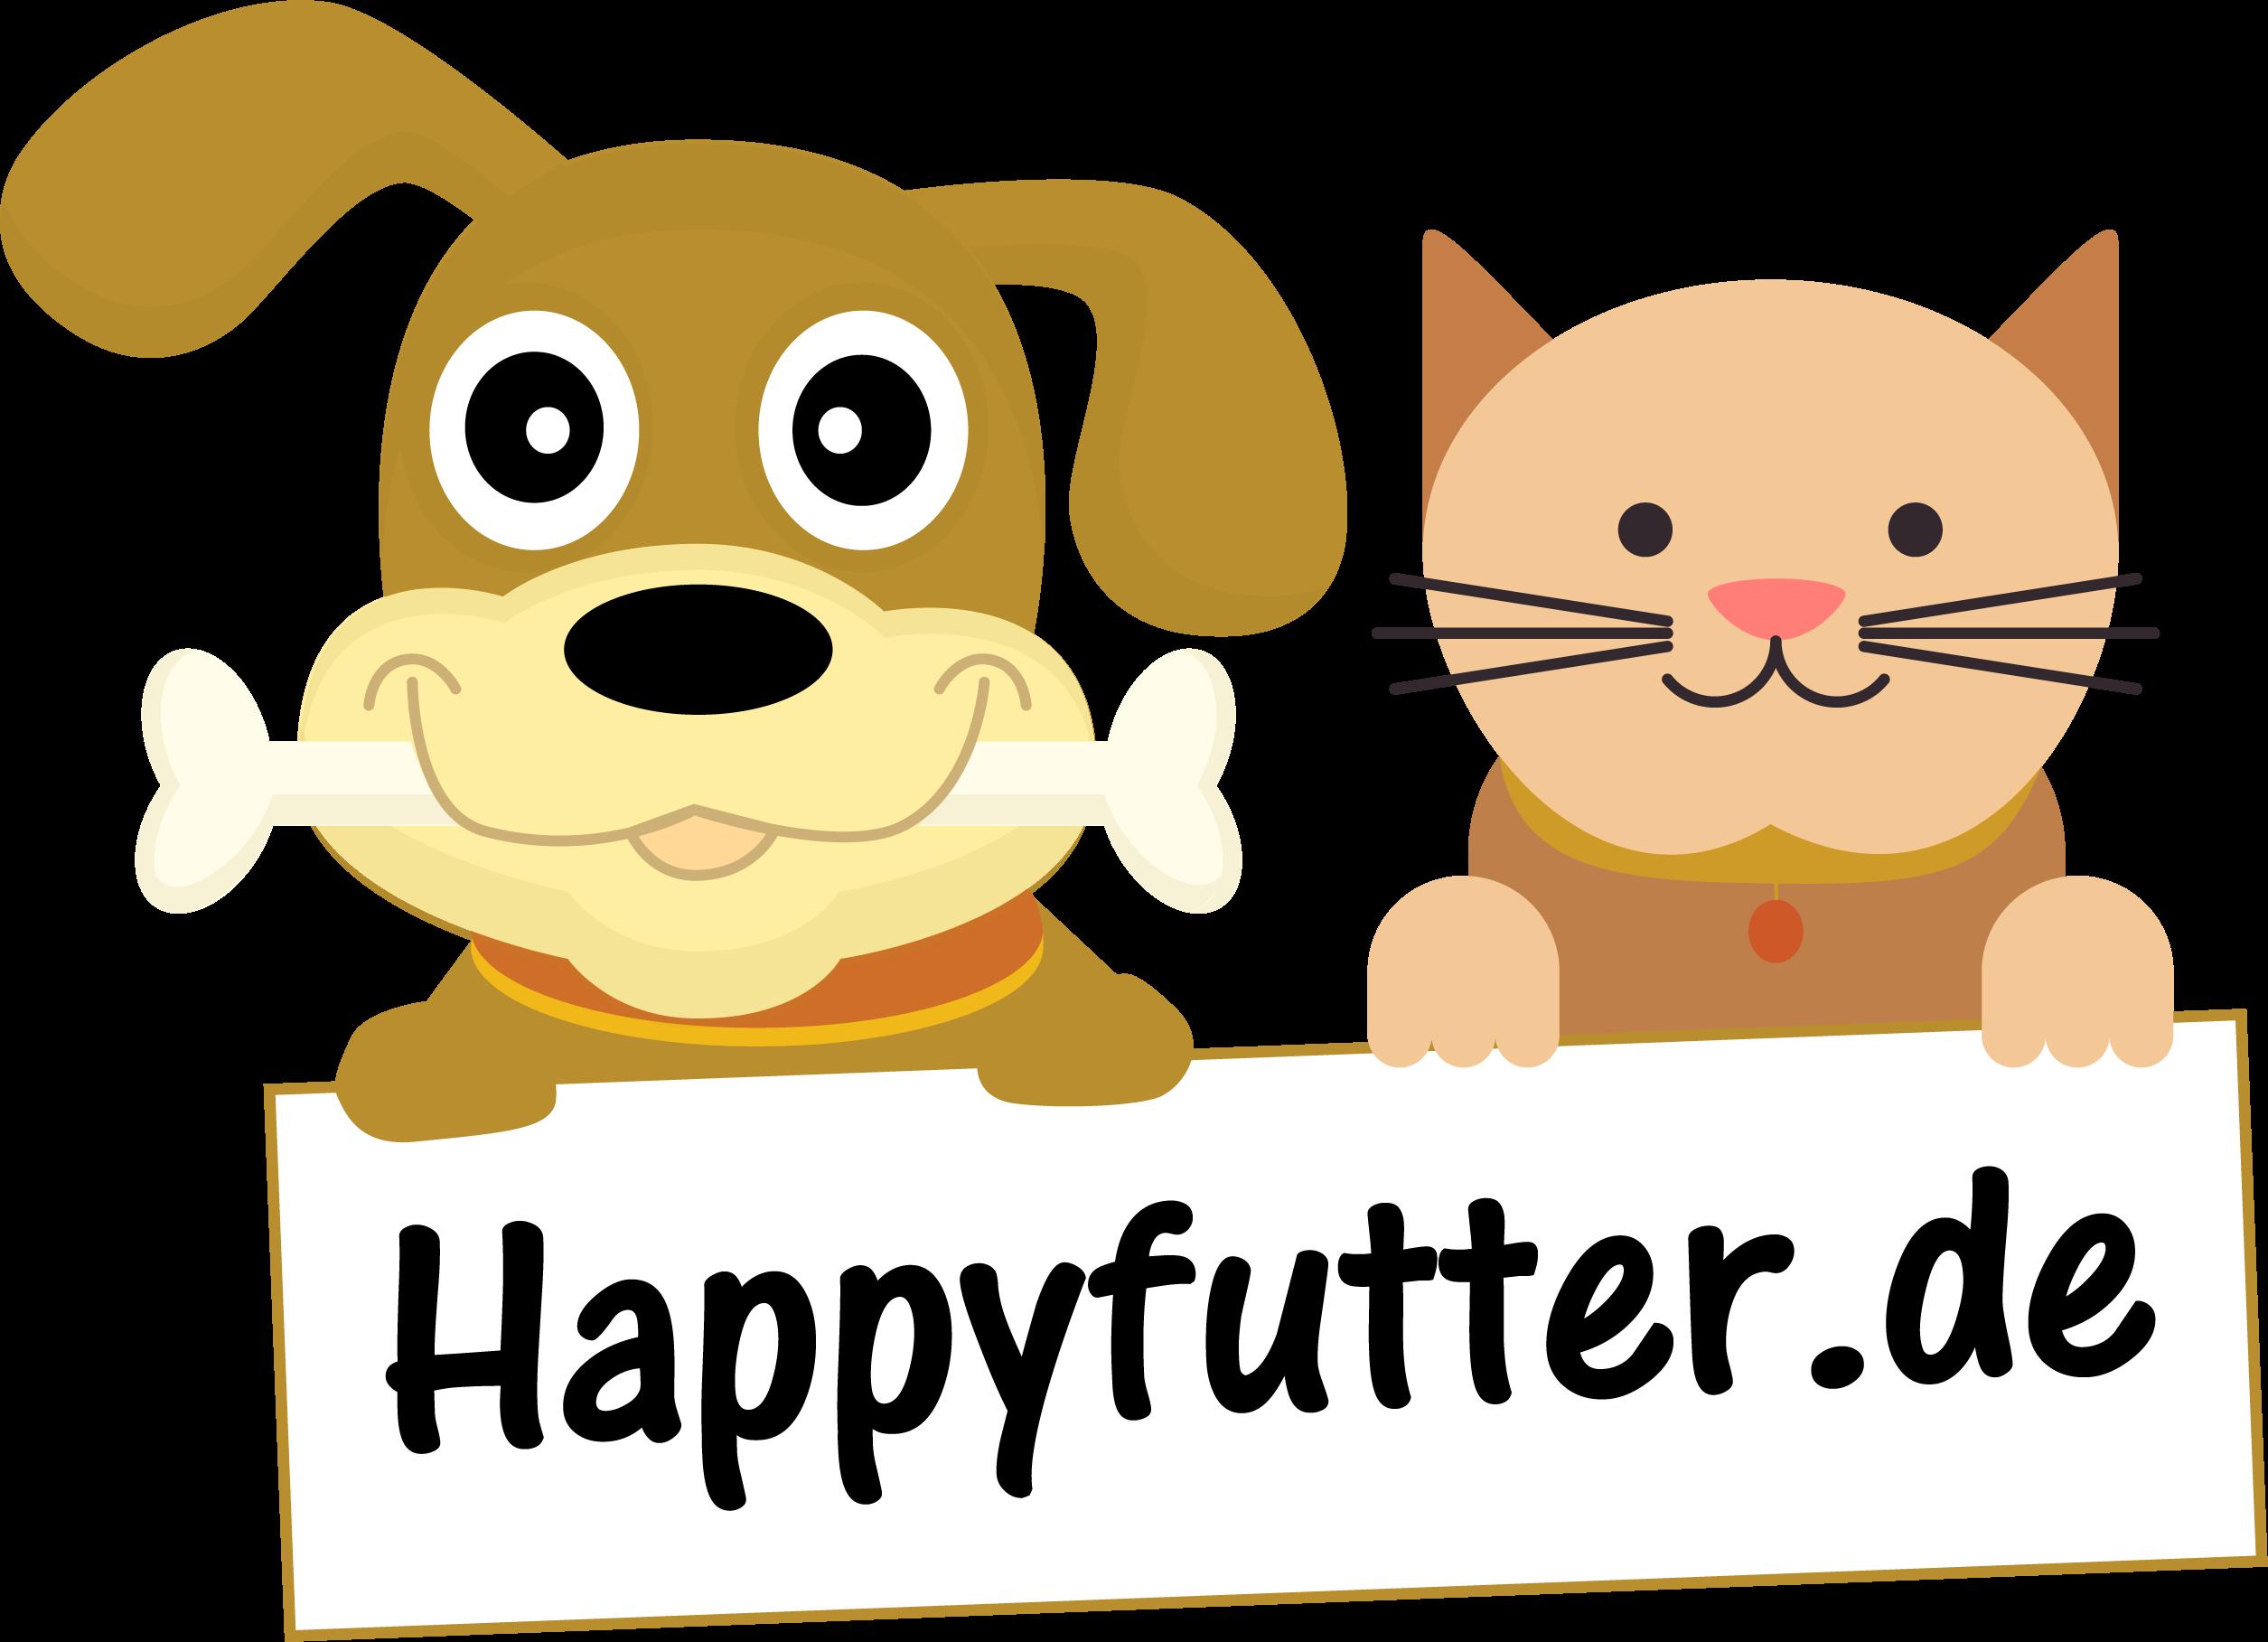 Happyfutter.de – gesundes und artgerechtes Hunde- und Katzenfutter von ANIfit